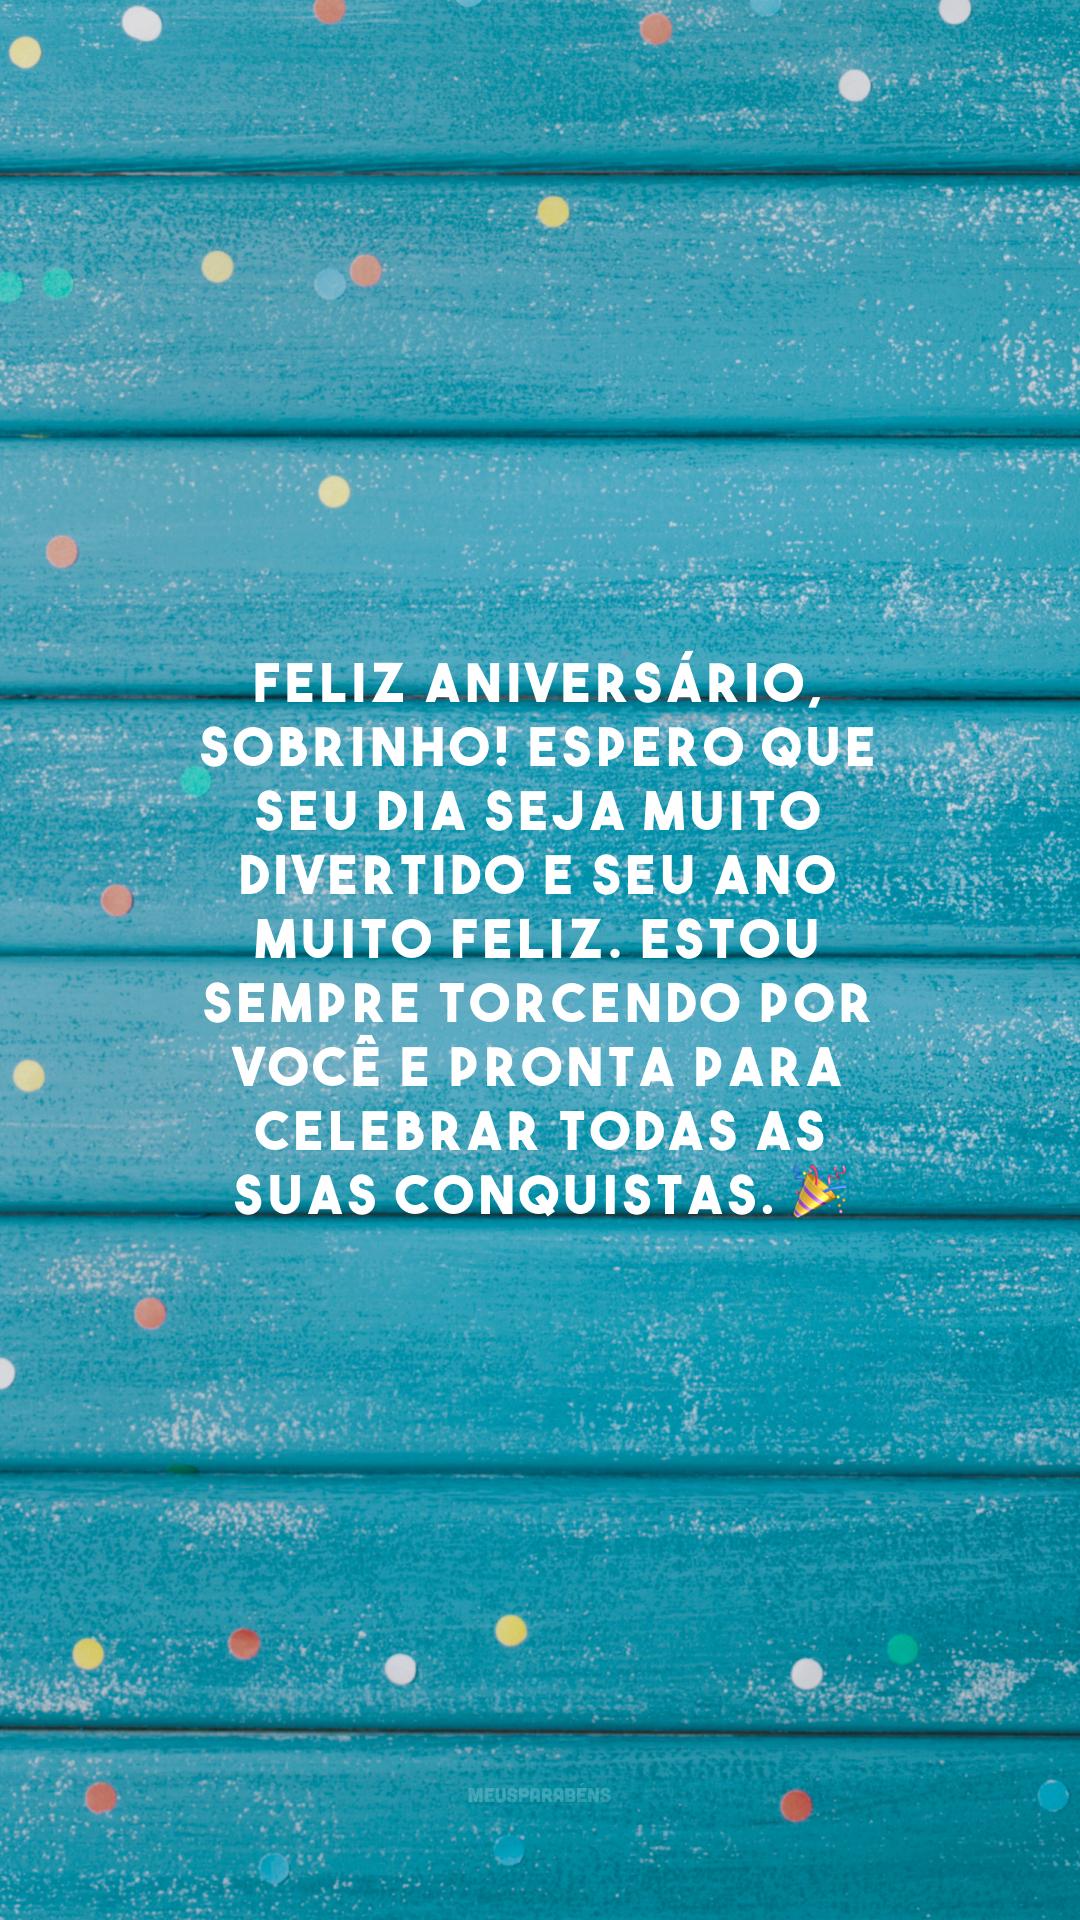 Feliz aniversário, sobrinho! Espero que seu dia seja muito divertido e seu ano muito feliz. Estou sempre torcendo por você e pronta para celebrar todas as suas conquistas. 🎉